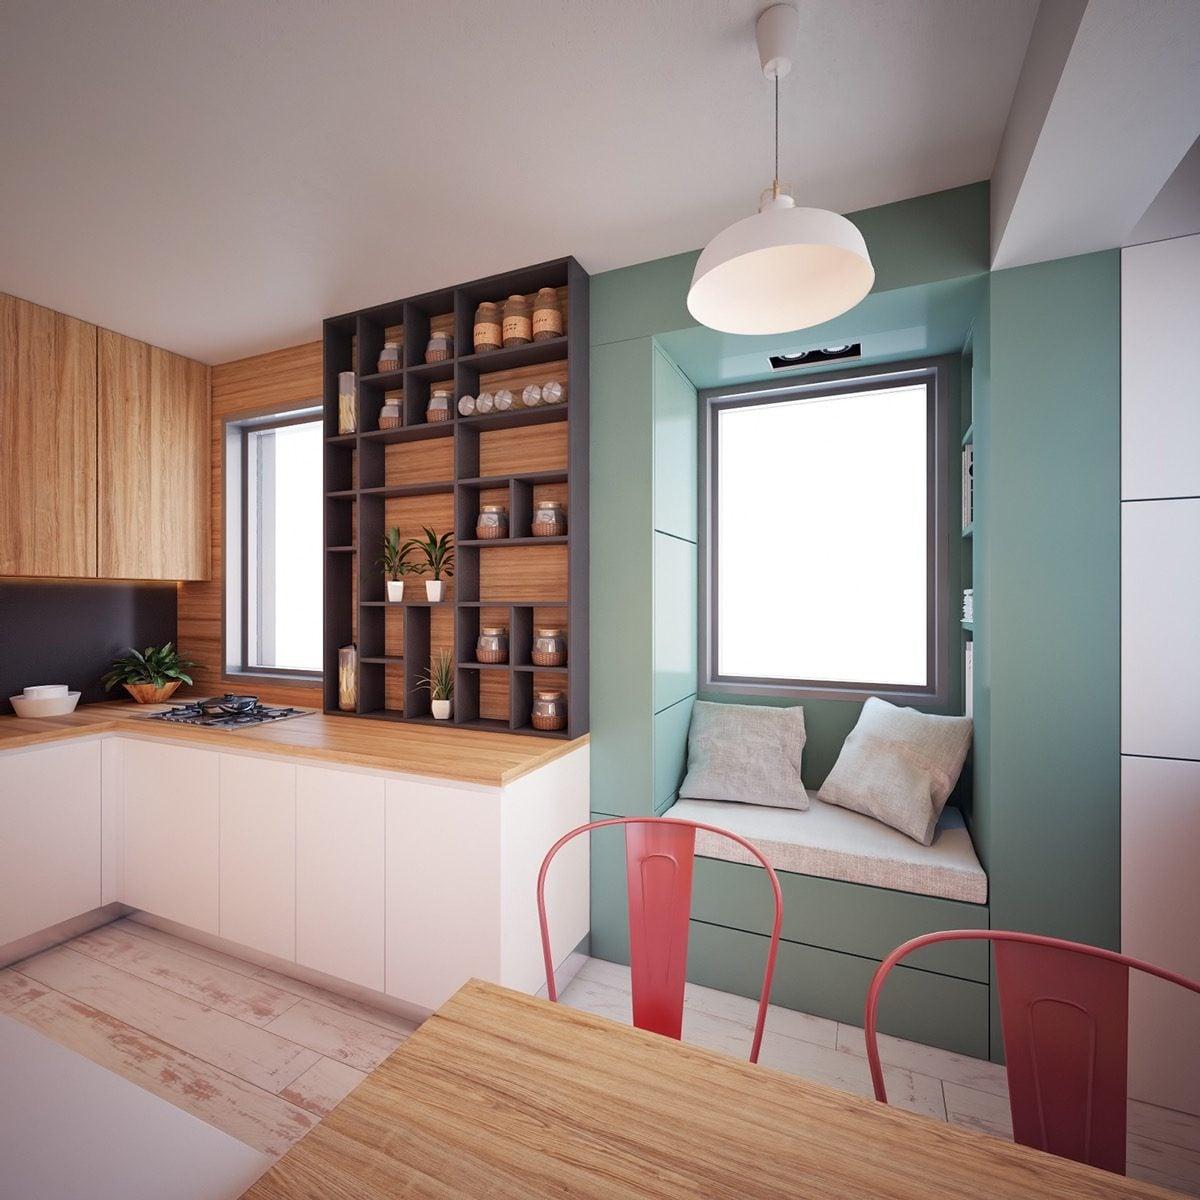 mẫu căn hộ siêu nhỏ 12